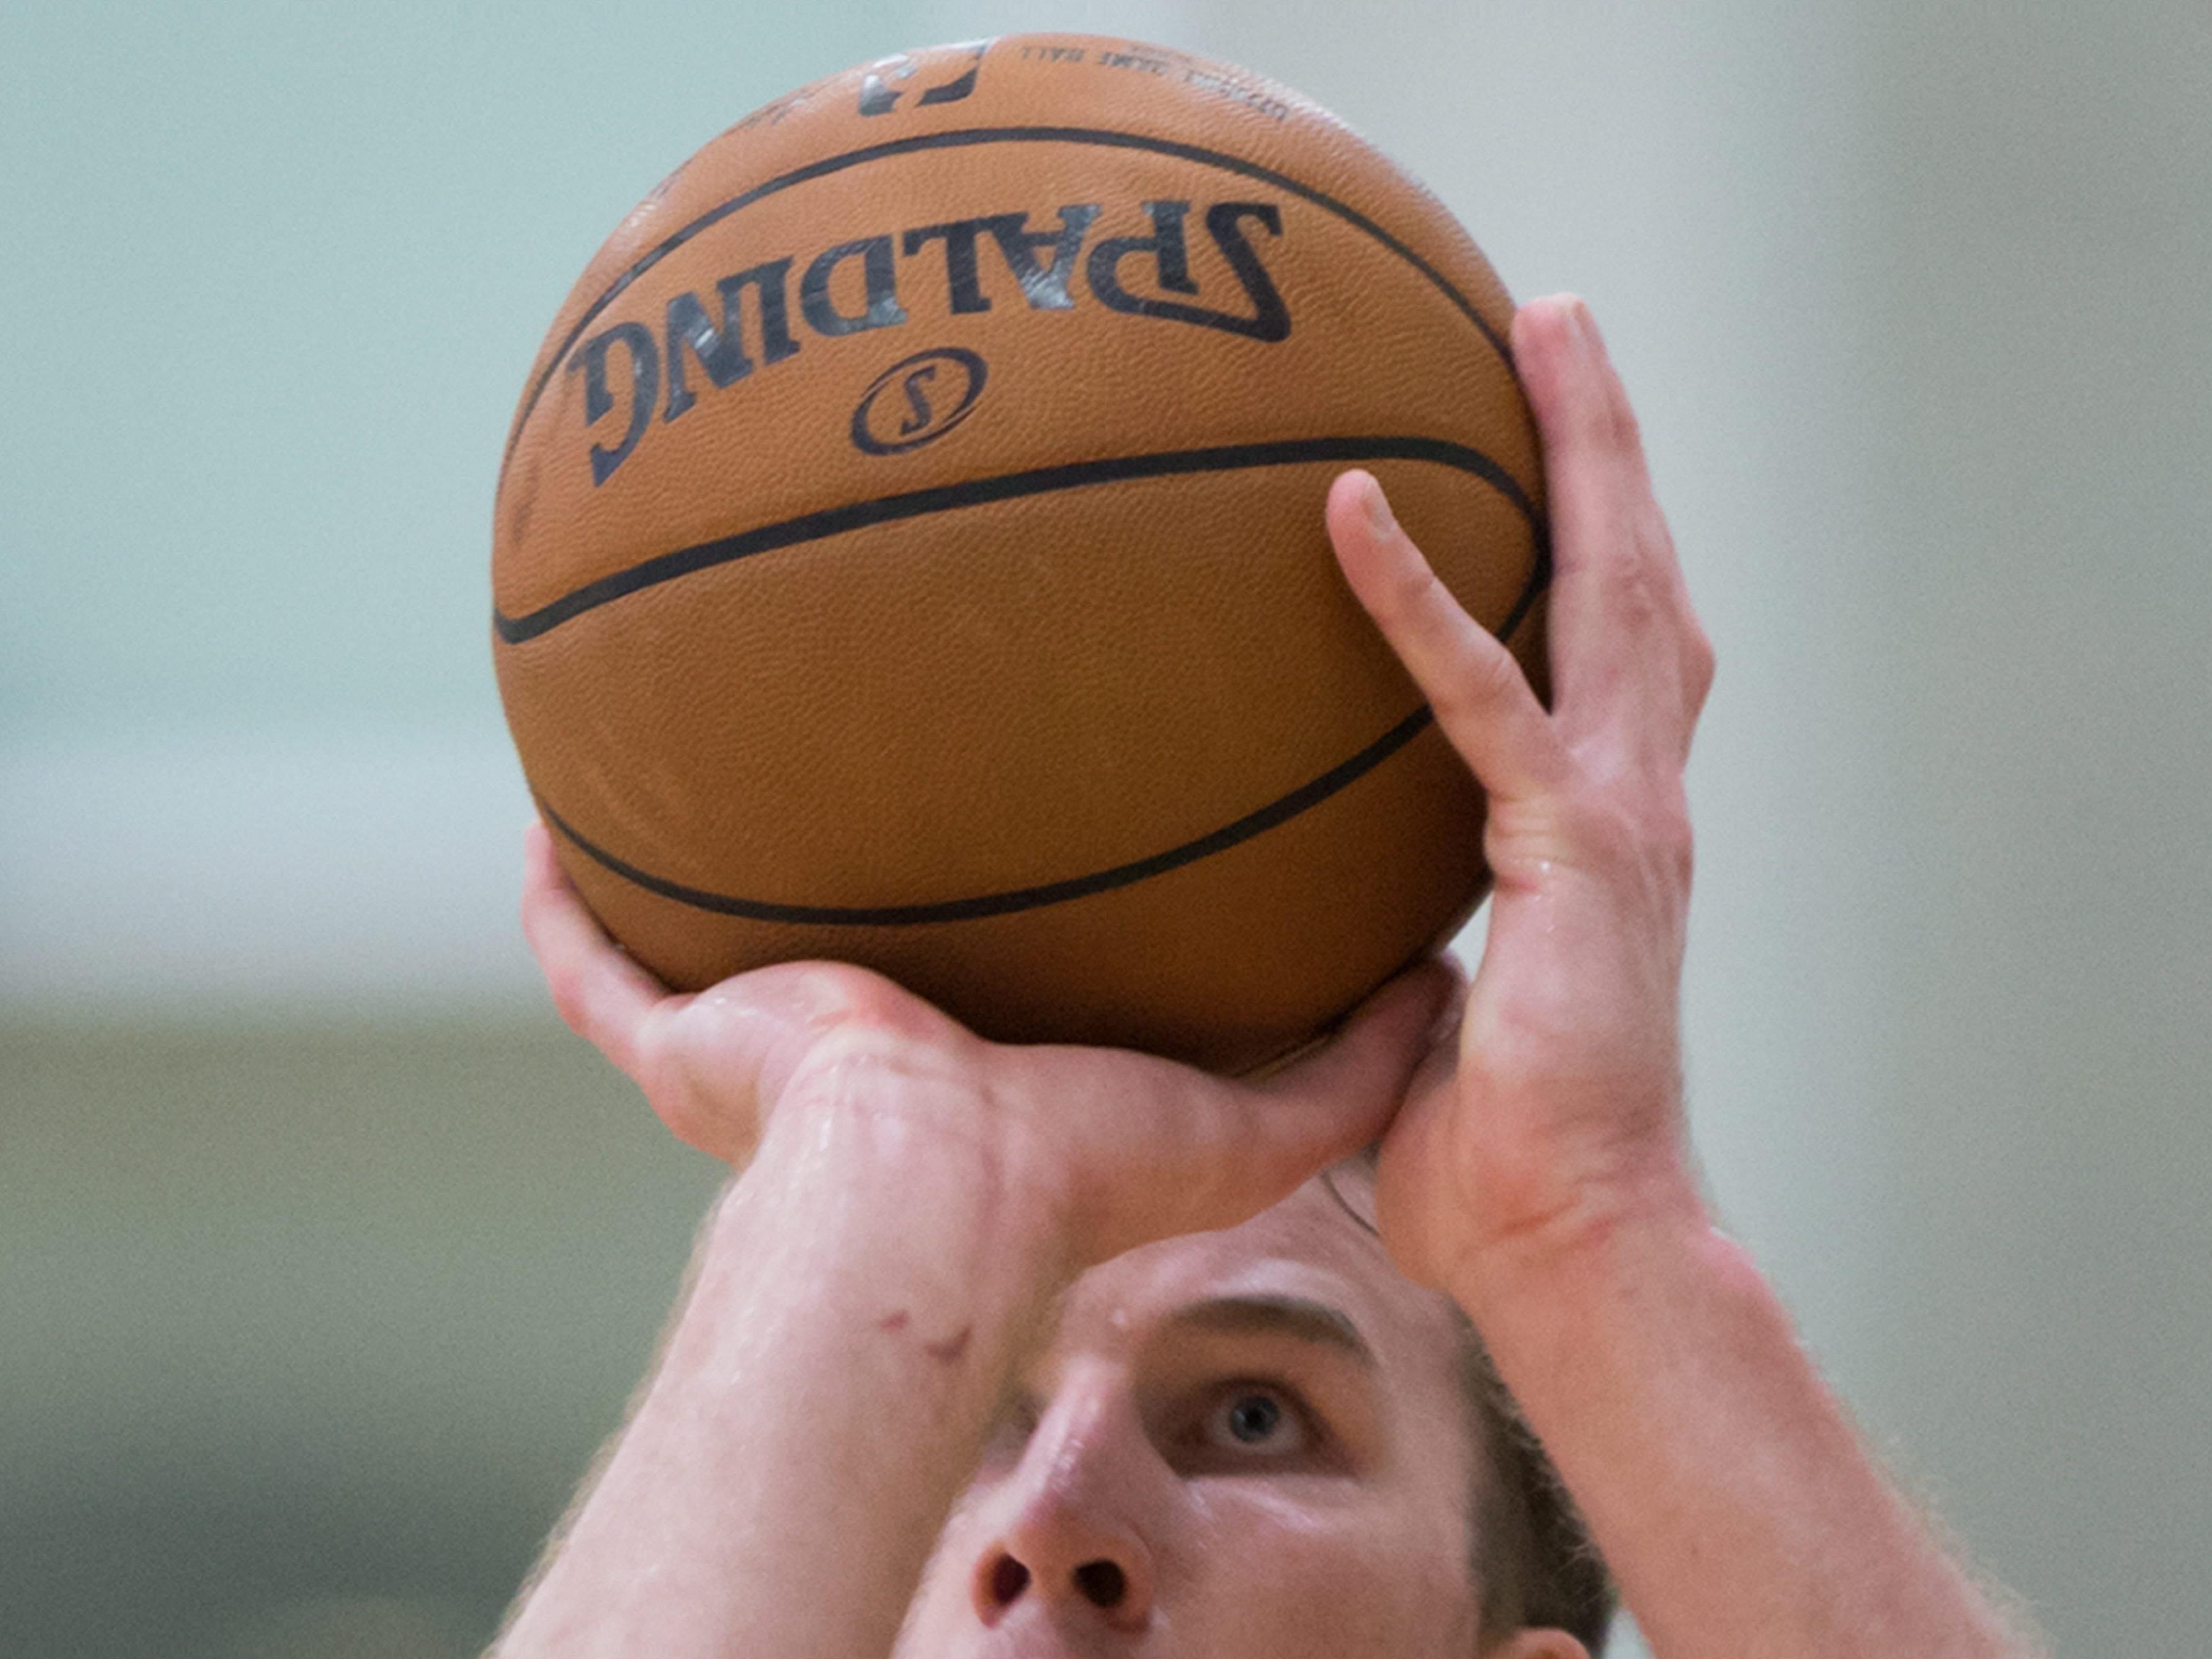 Der österreichische NBA-Export gratuliert sich selbst mit einem Sieg zum Geburtstag